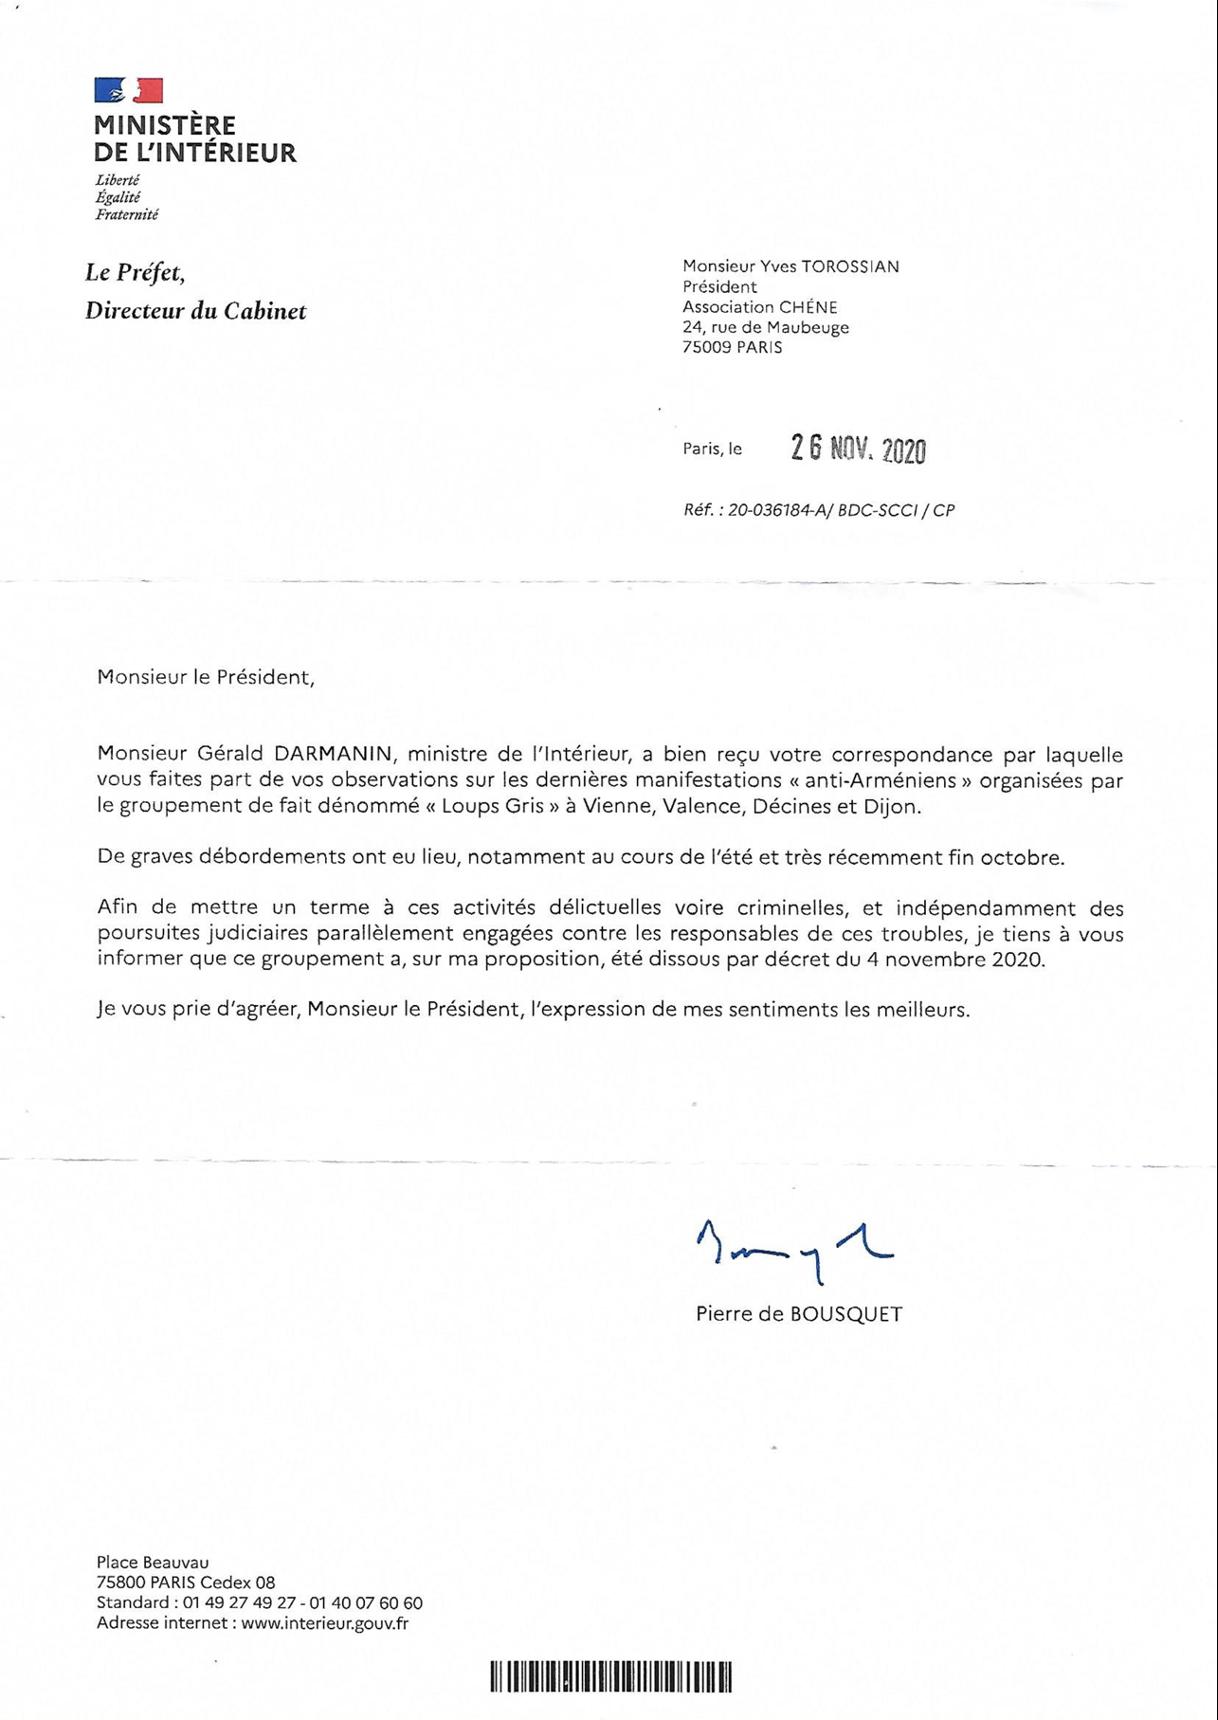 Réponse du Ministère de l'Intérieur le 26 novembre 2020